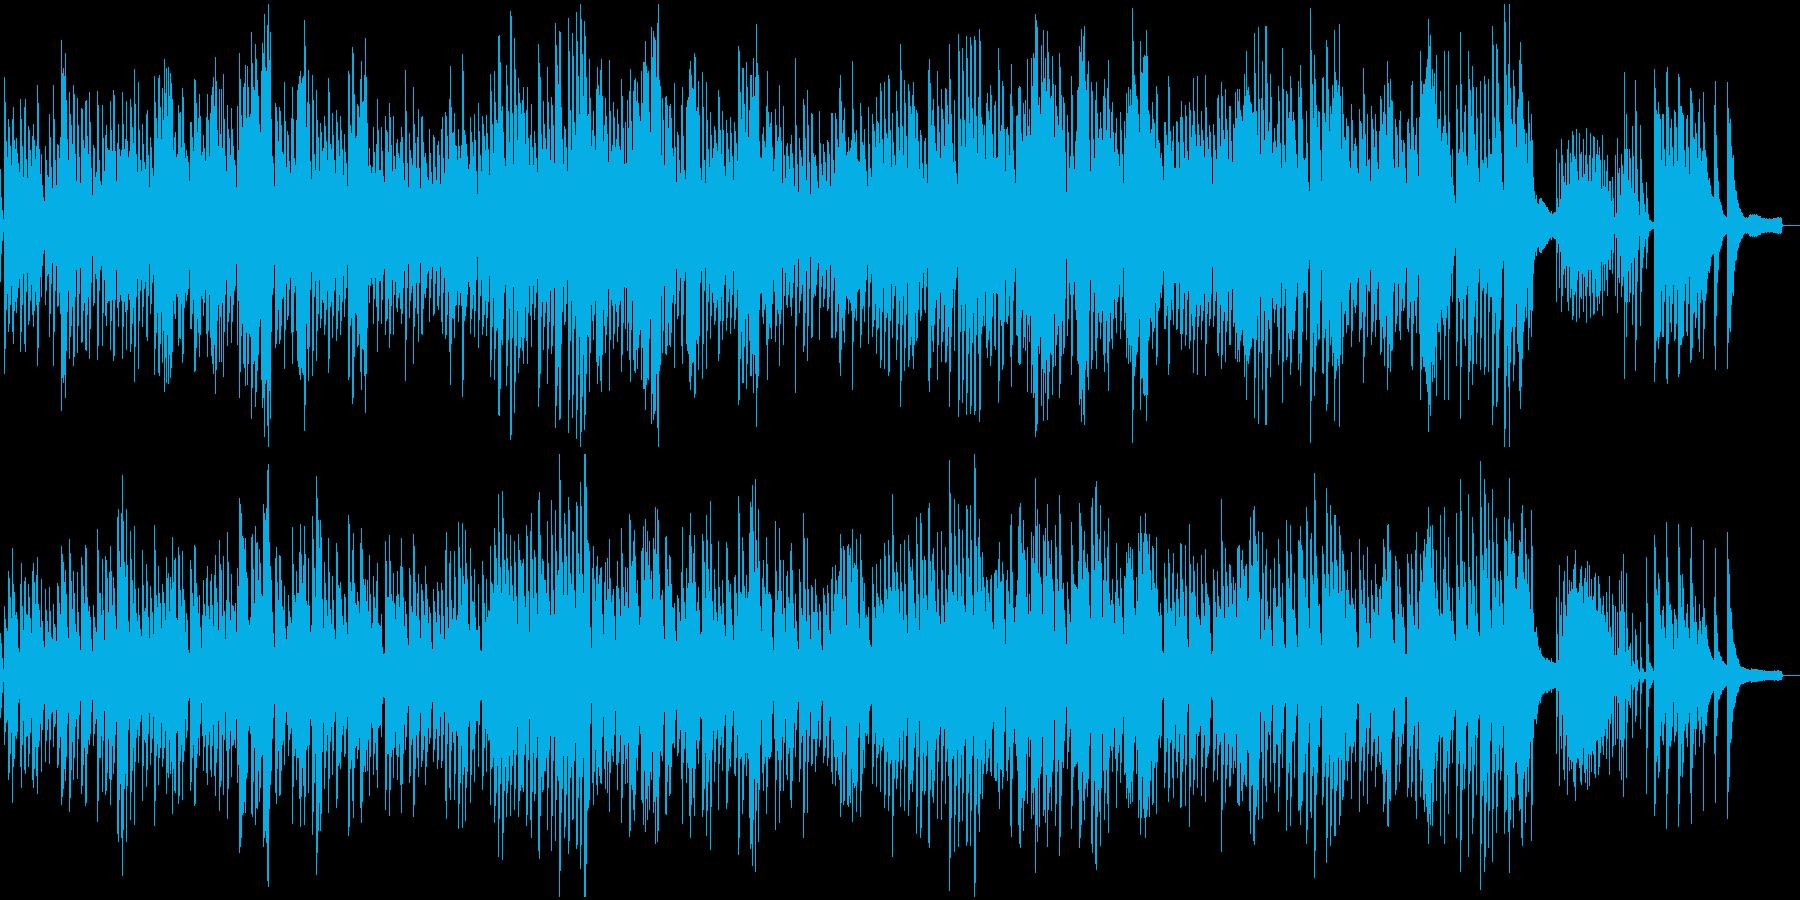 ピアノ名曲ショパン 深く深く澄んだ美しさの再生済みの波形